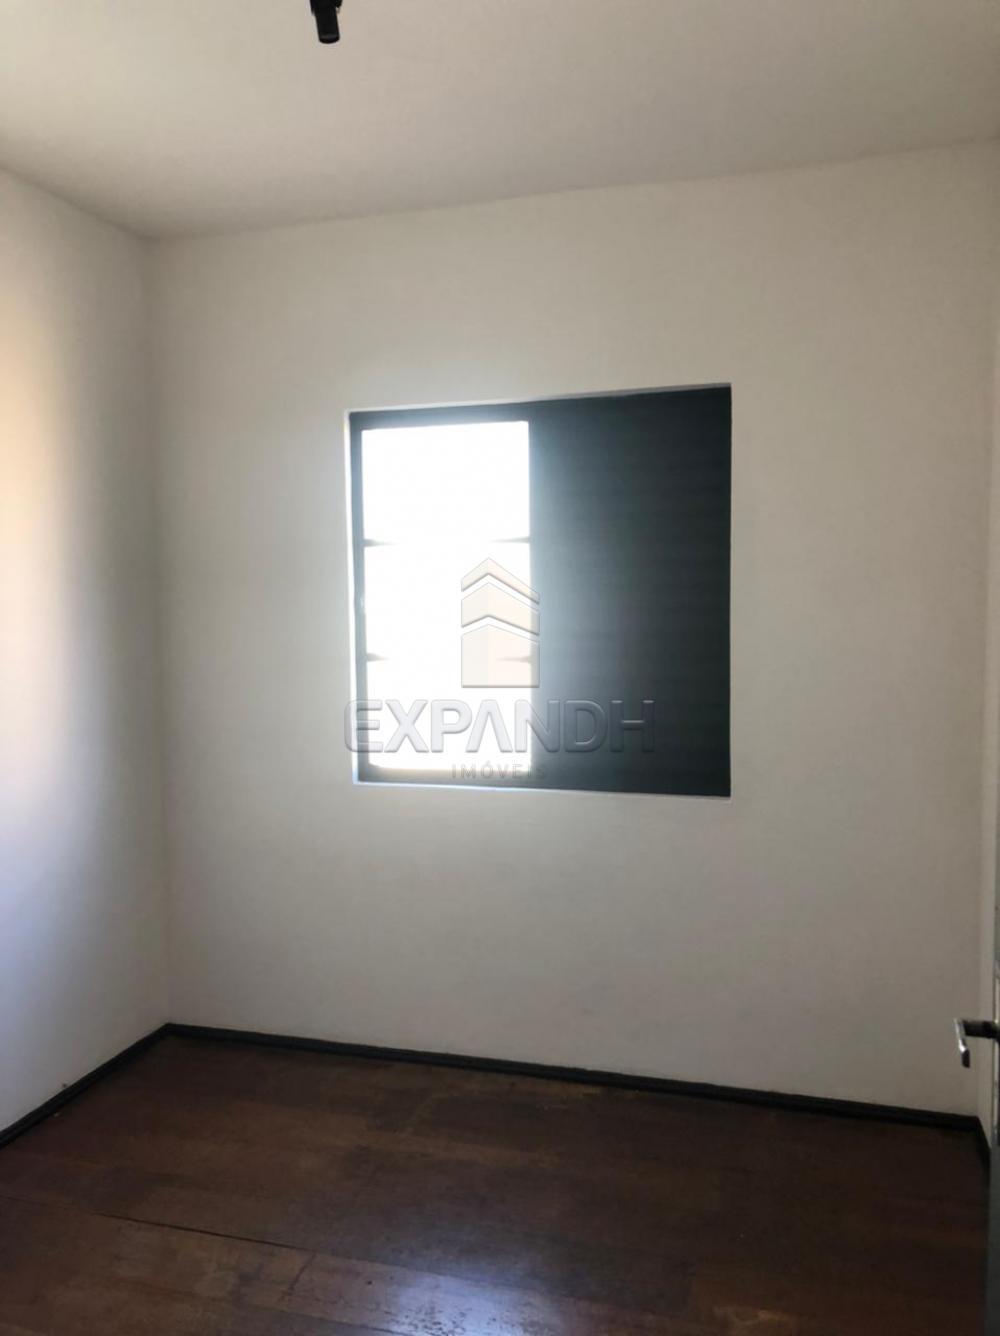 Alugar Casas / Padrão em Sertãozinho R$ 1.000,00 - Foto 13